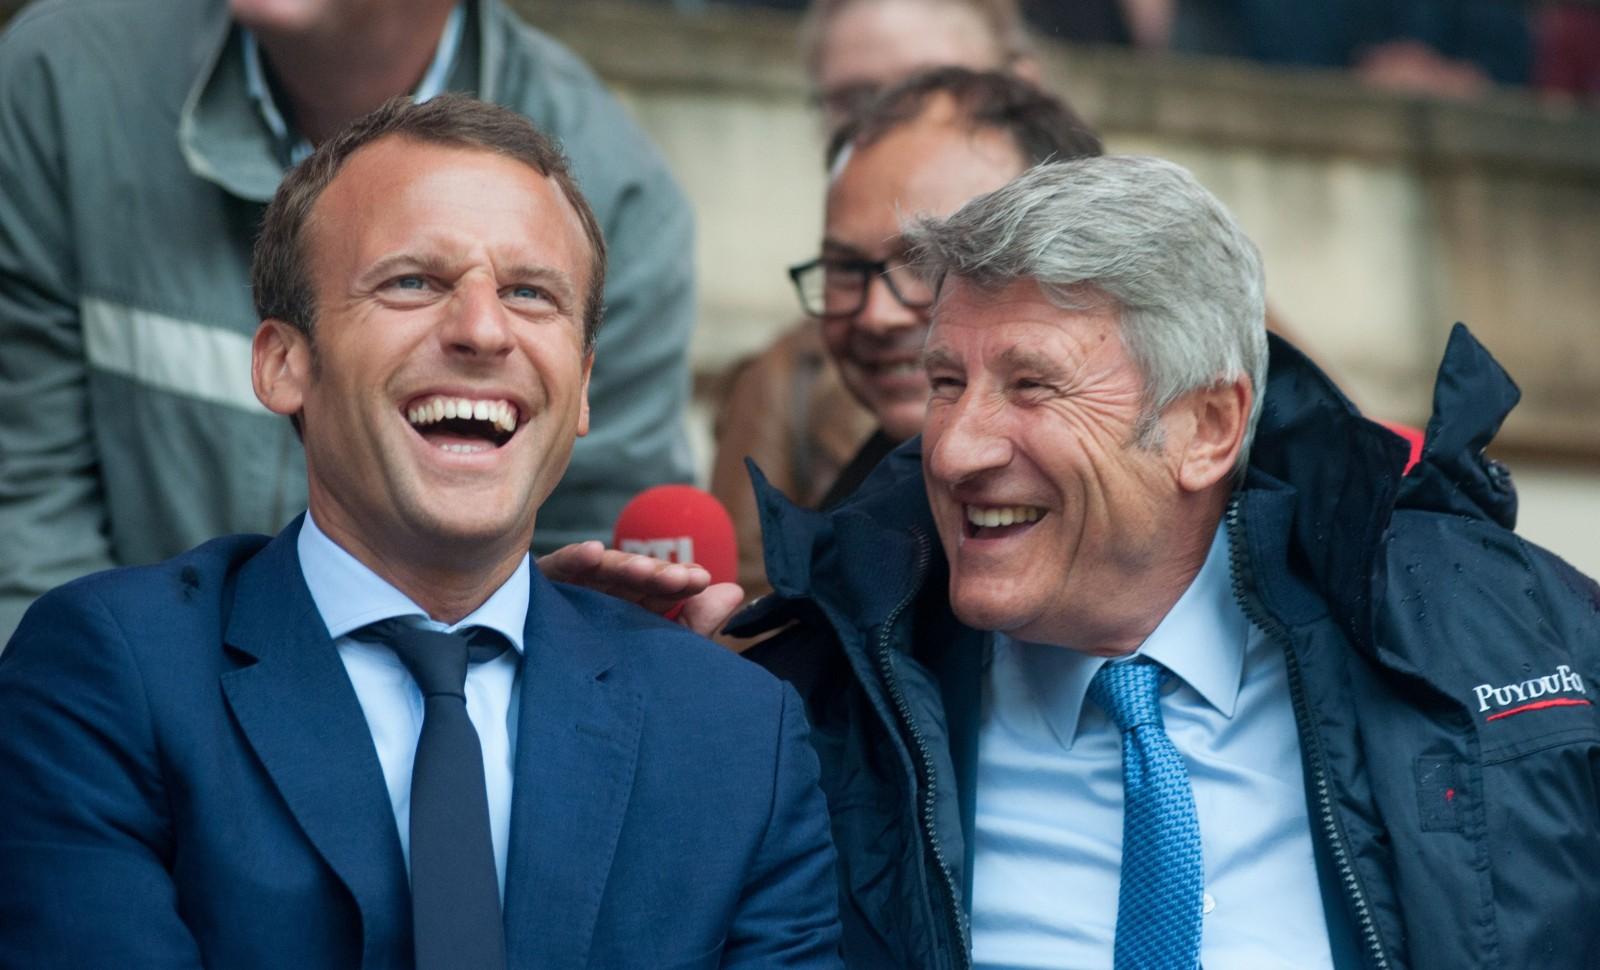 Emmanuel Macron et Philippe de Villiers au Puy du Fou en août 2016 © SEBASTIEN SALOM-GOMIS/SIPA Numéro de reportage: 00768589_000004